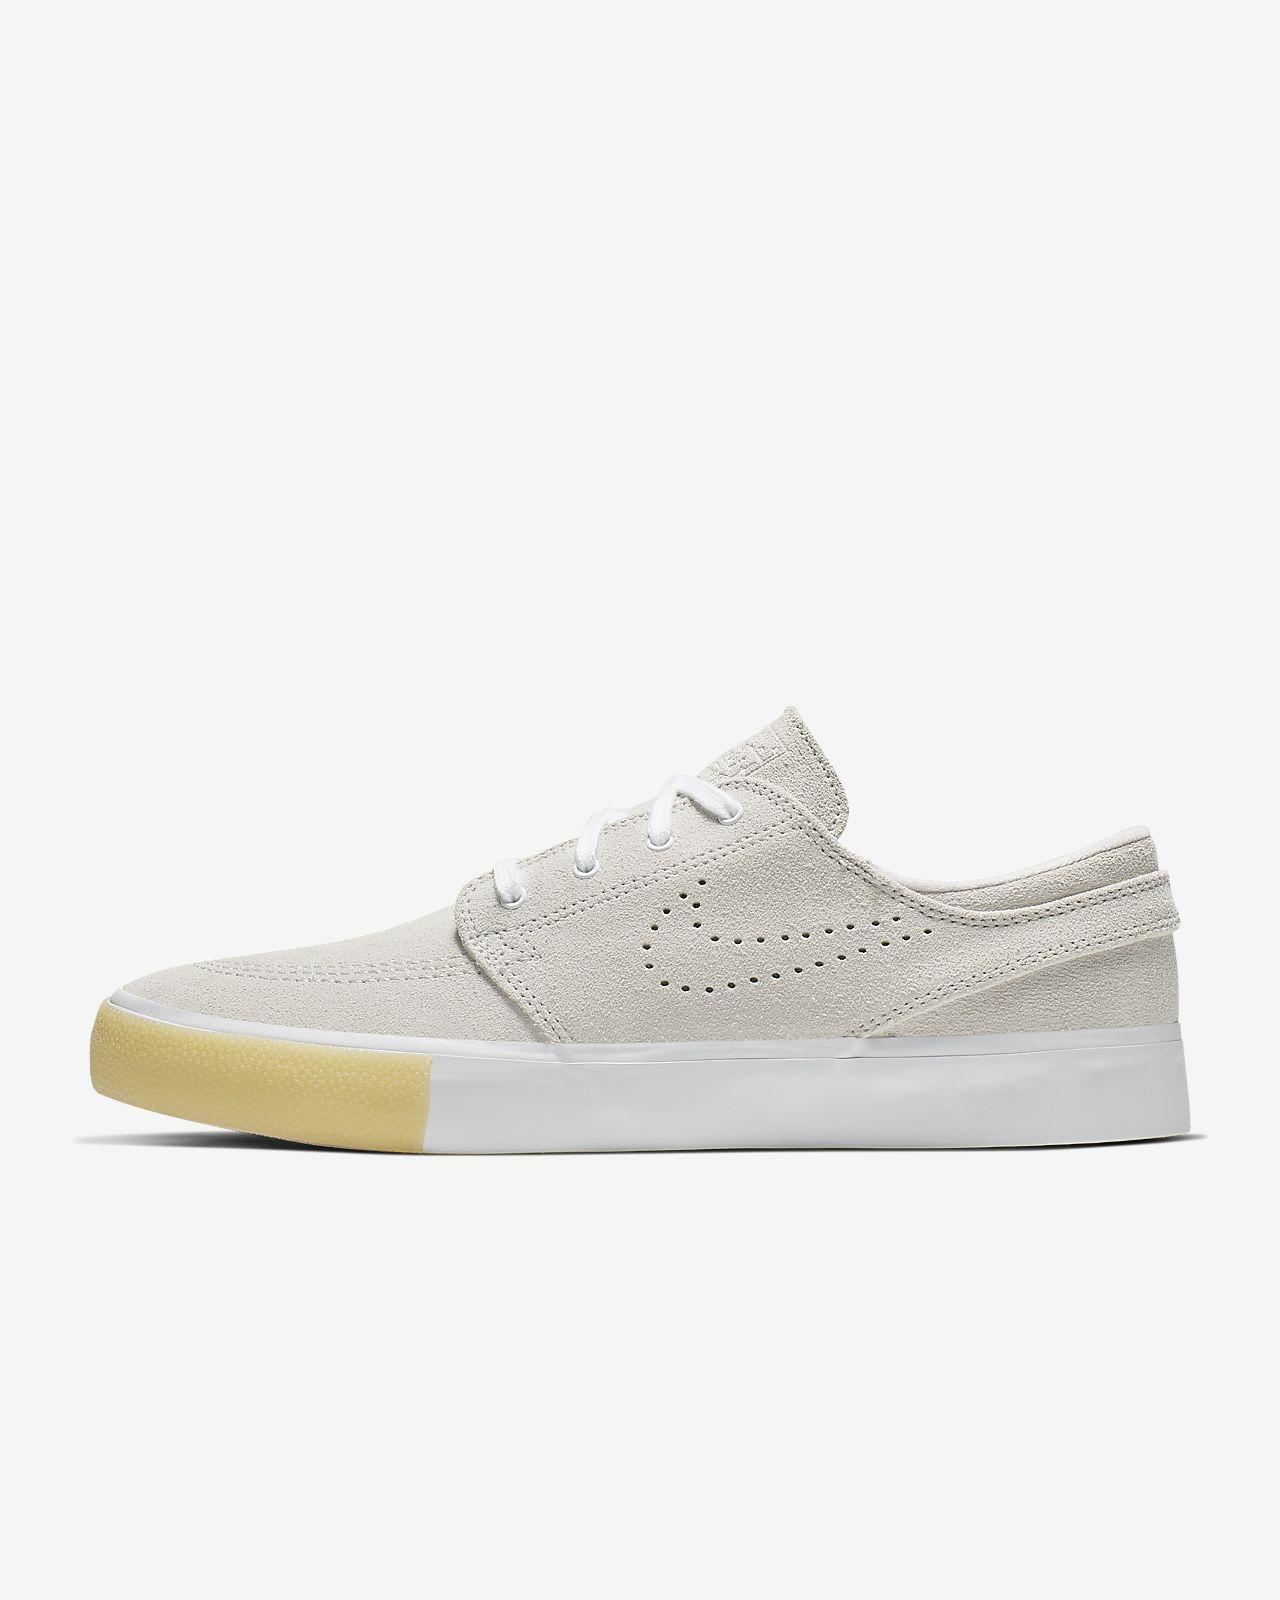 Chaussure de skateboard Nike SB Zoom Stefan Janoski RM SE